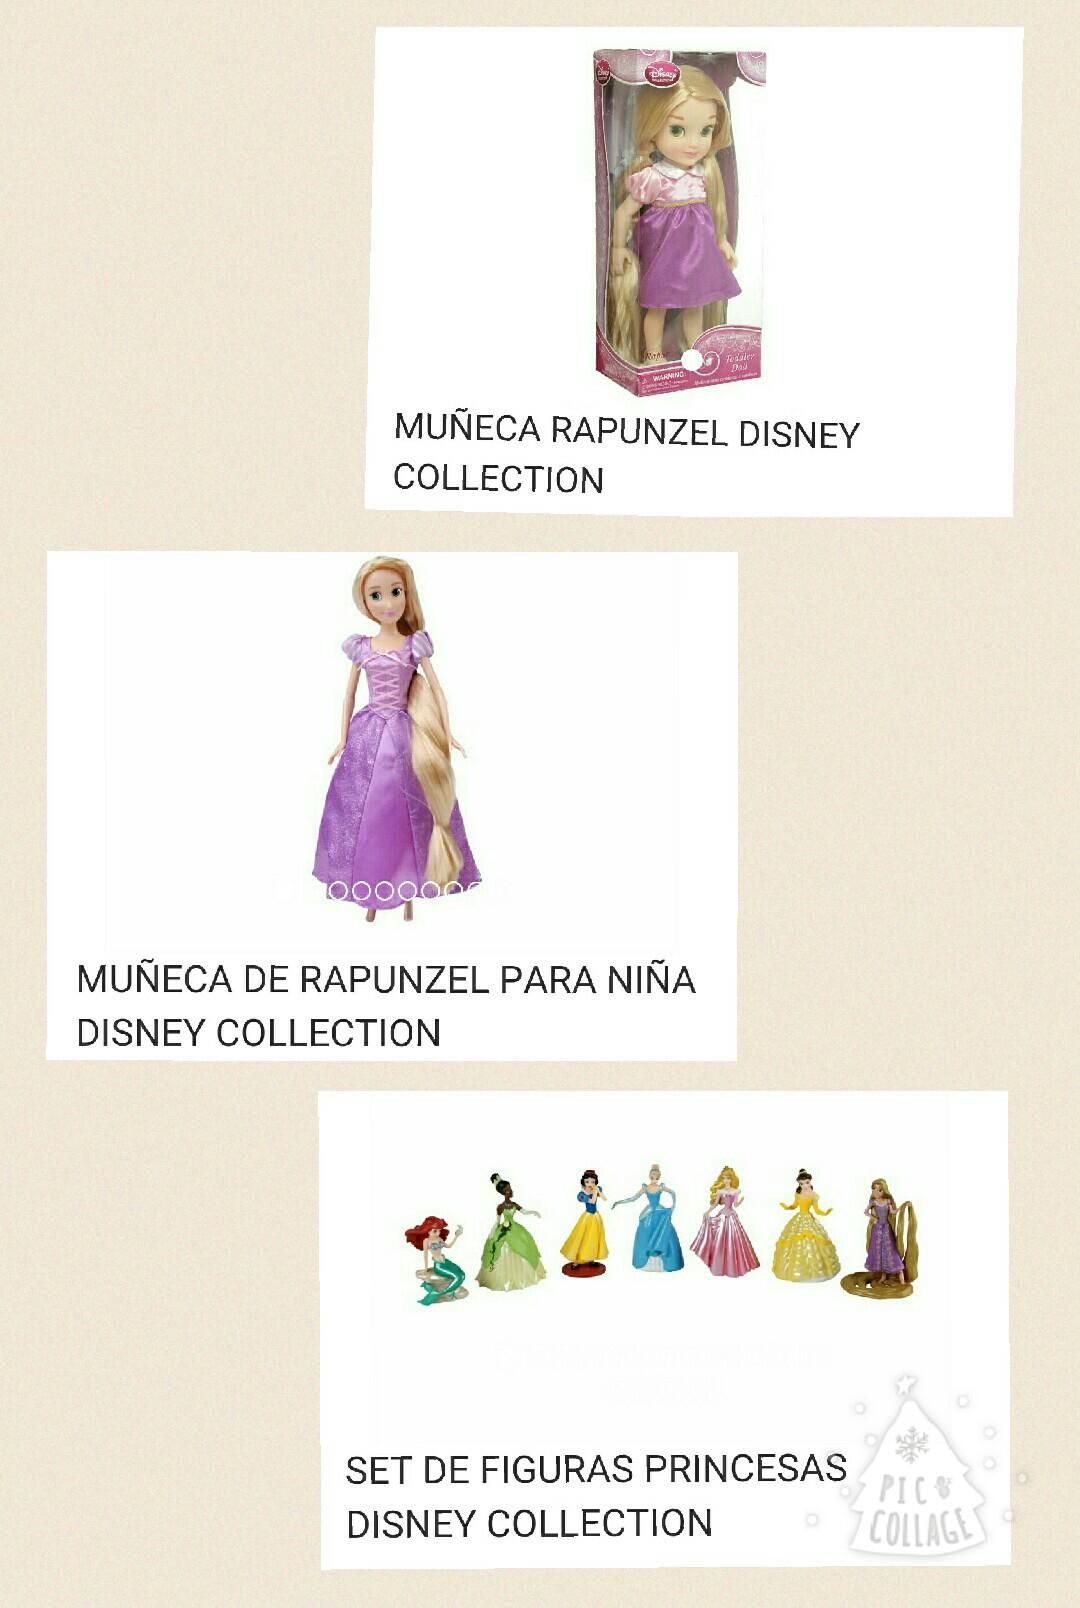 Liverpool: Muñecas y sets Disney, desde 30 al 50% de descuento